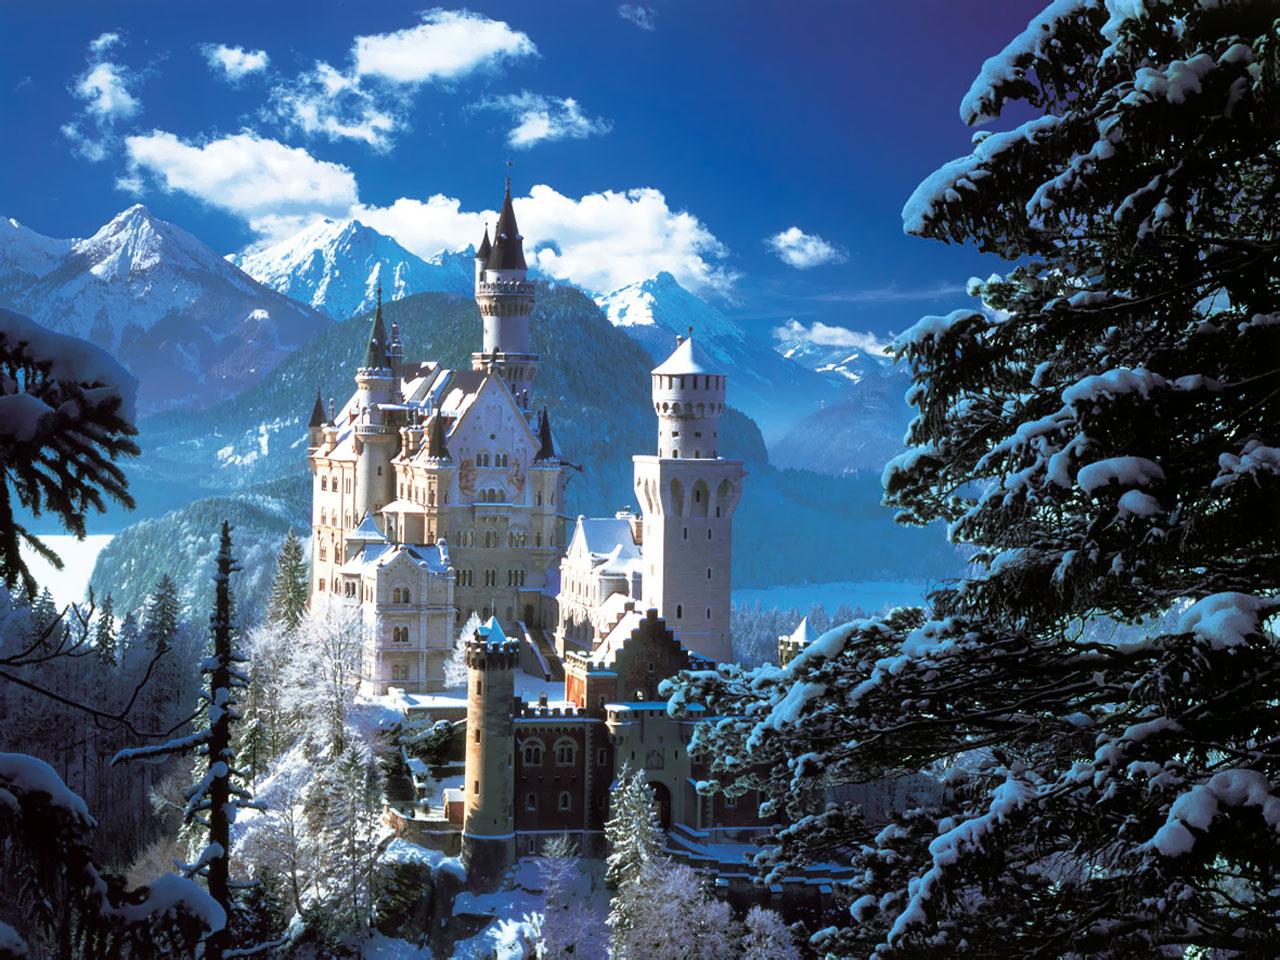 Нойшванштайн. История замка баварского короля Людвига II